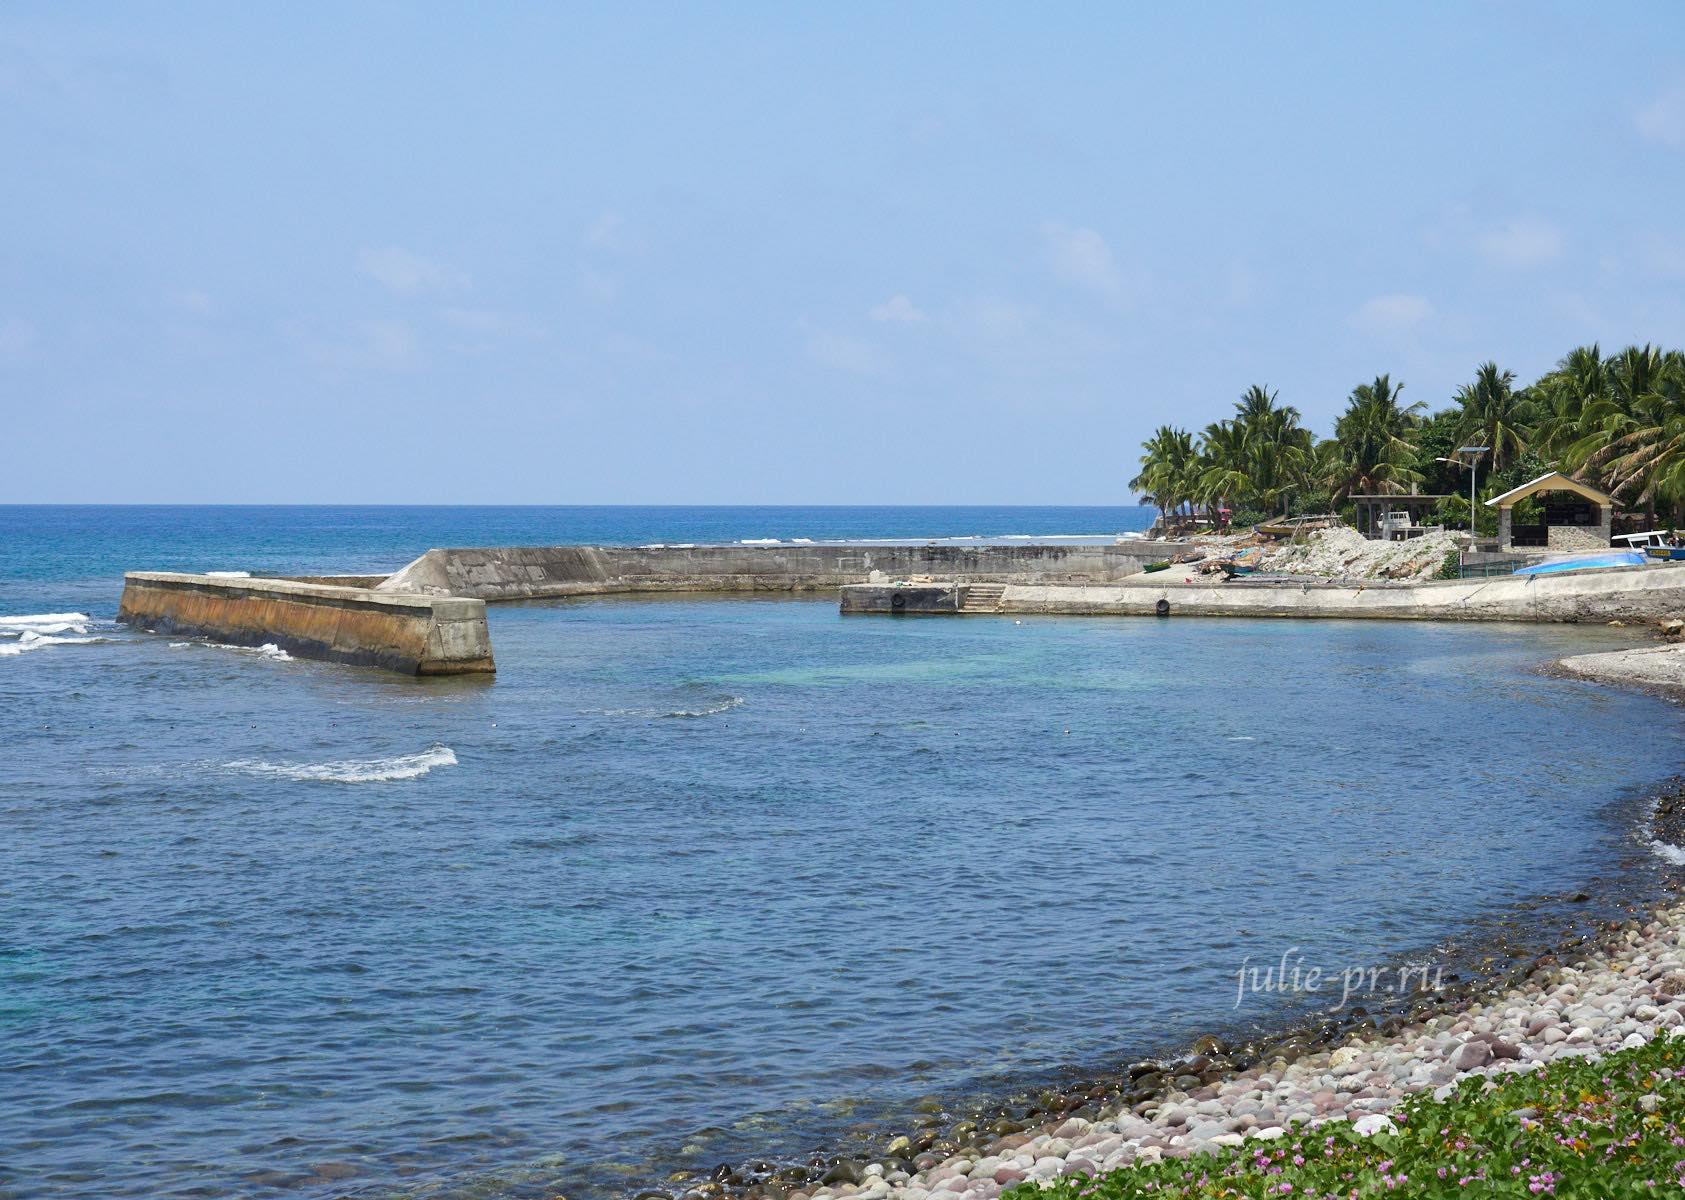 Филиппины, острова Батанес, Port San Vicente